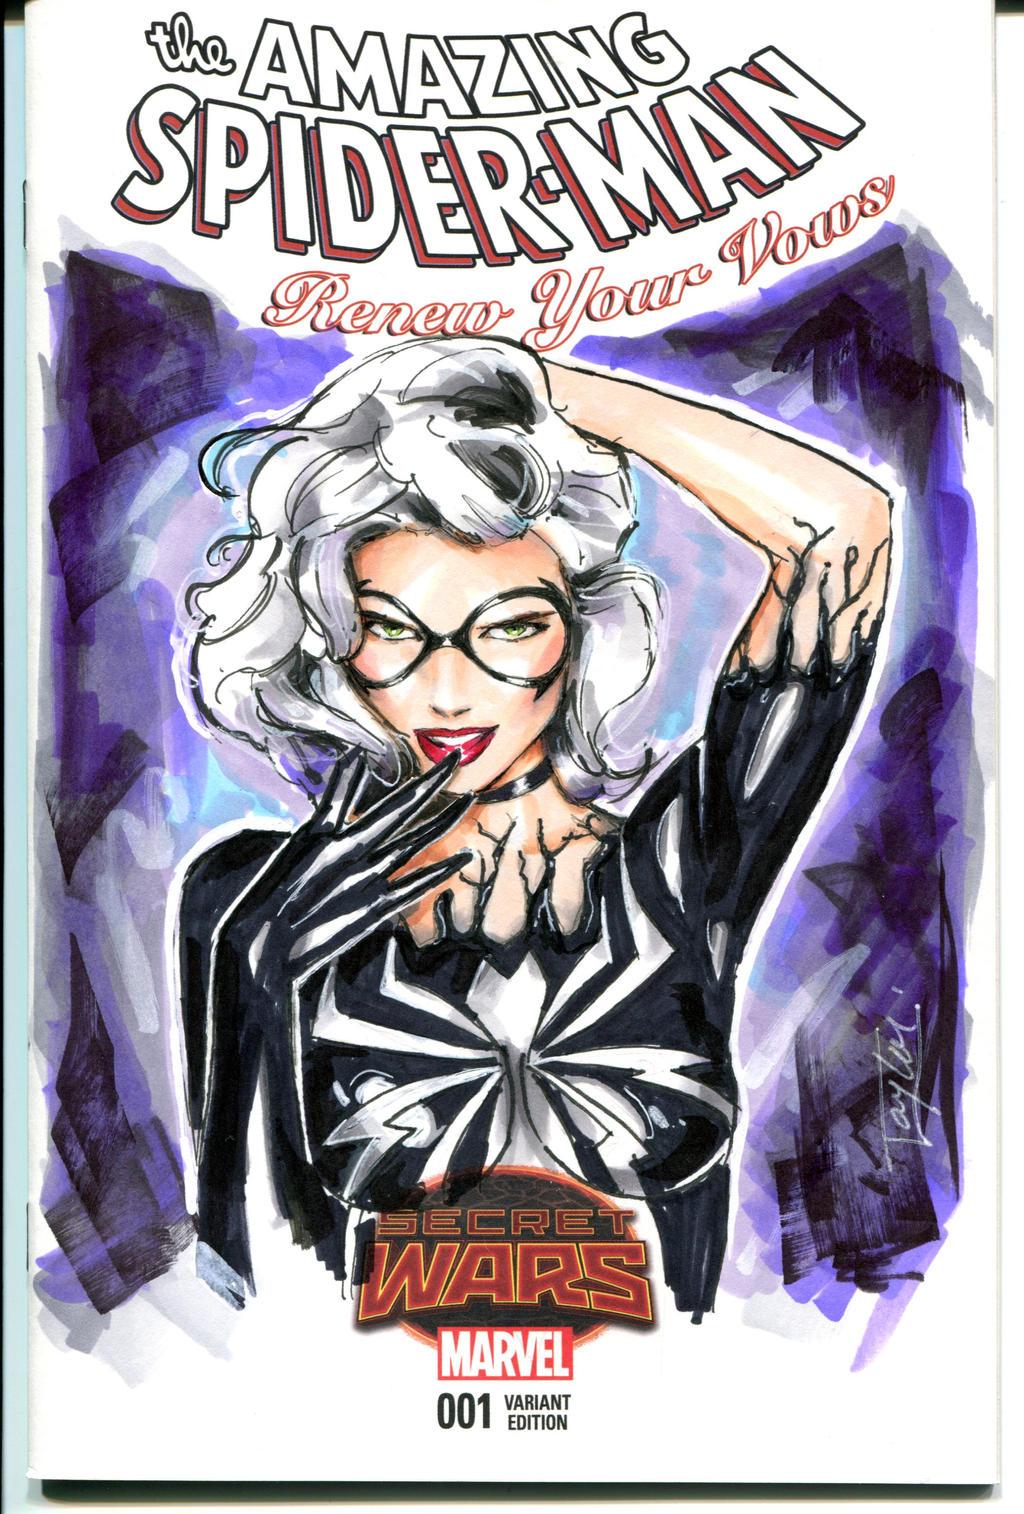 Black Cat-Venom'ized by Artfulcurves on DeviantArt